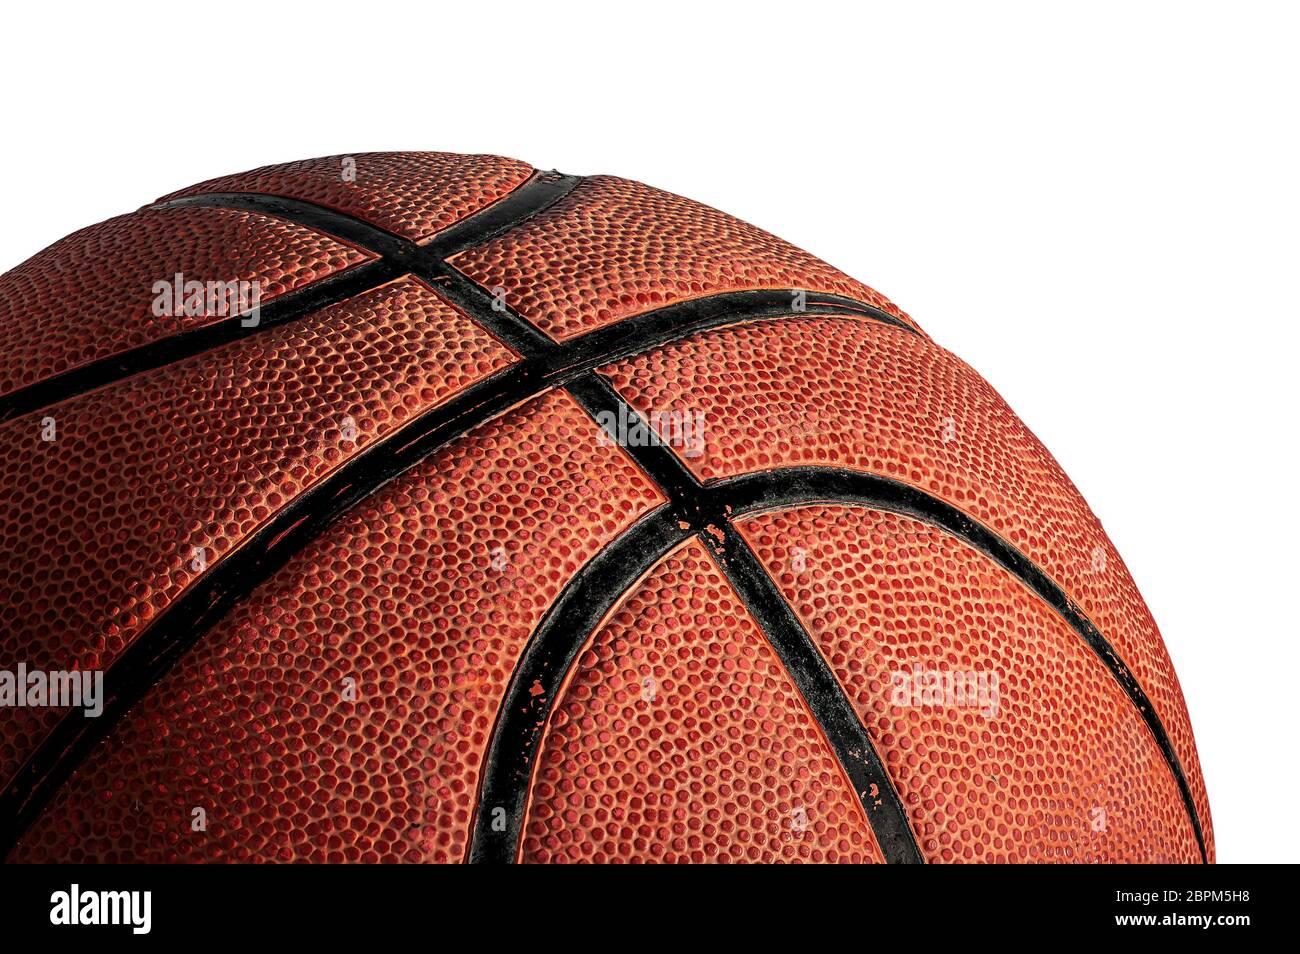 Une partie de basket-ball ball allumé par le haut. Isolé sur fond blanc. Vue de côté. Banque D'Images